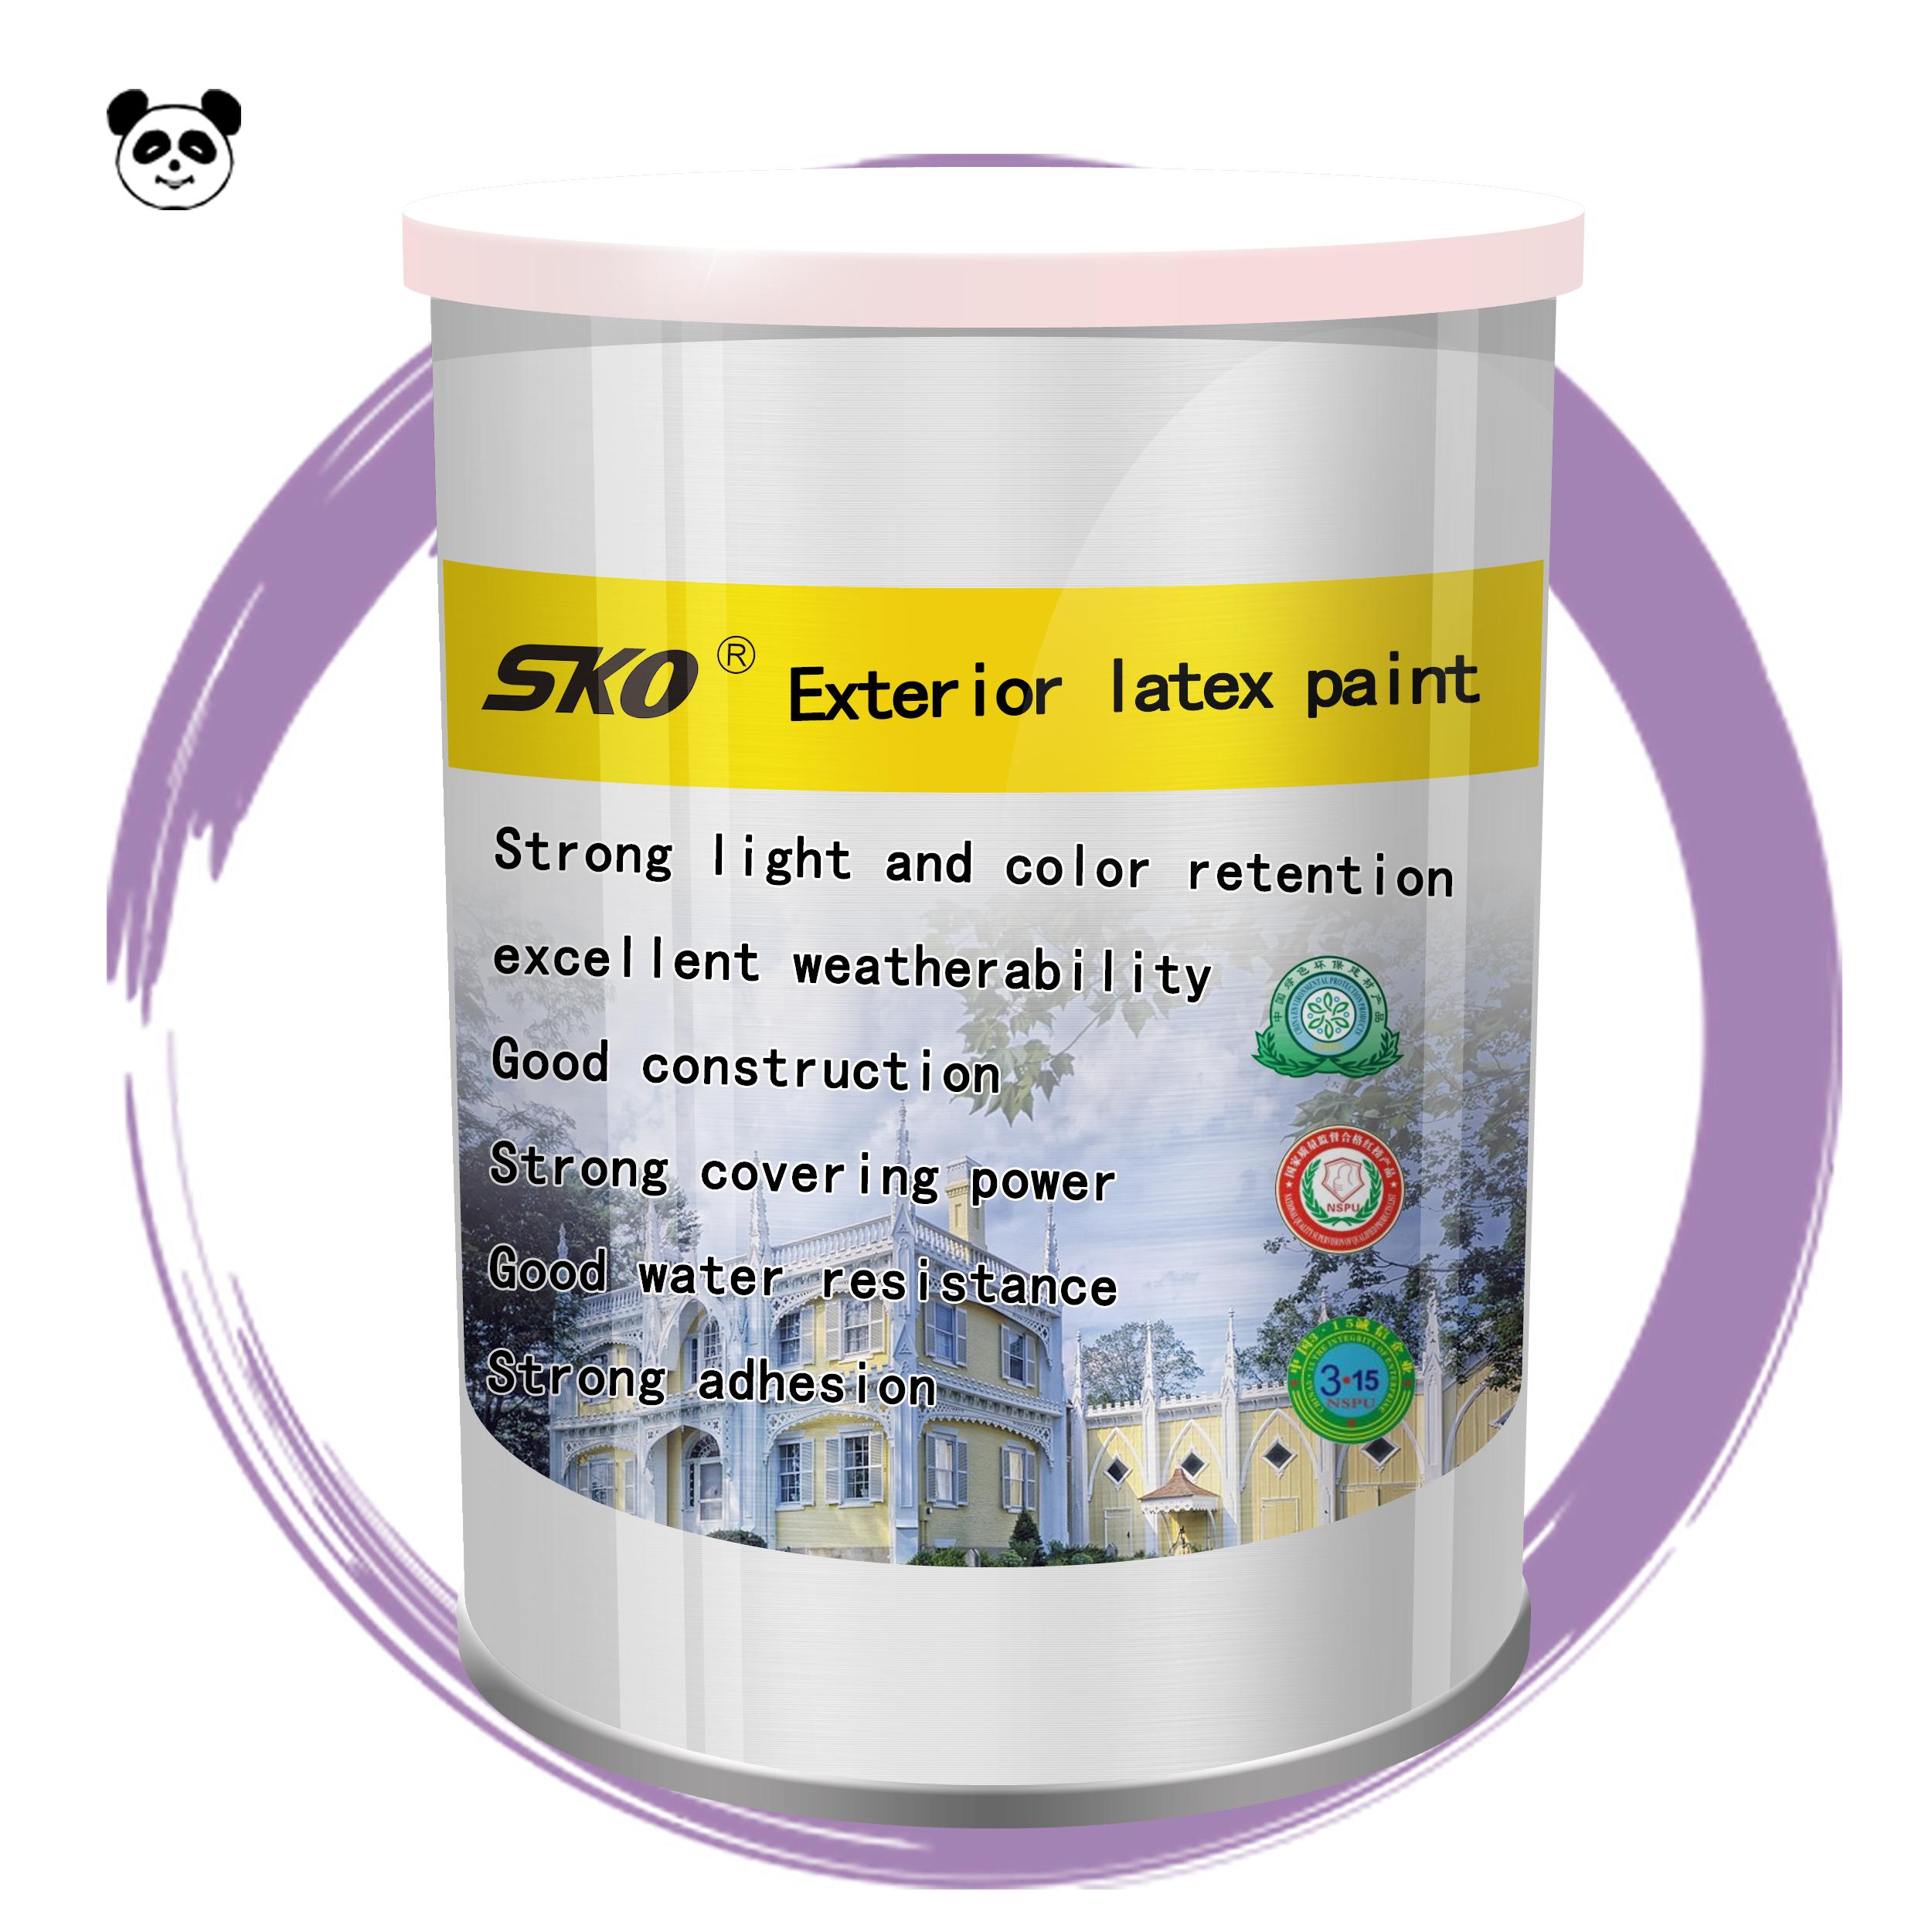 Migliore Pittura Per Interni migliore pittura per interni all'ingrosso-acquista online i